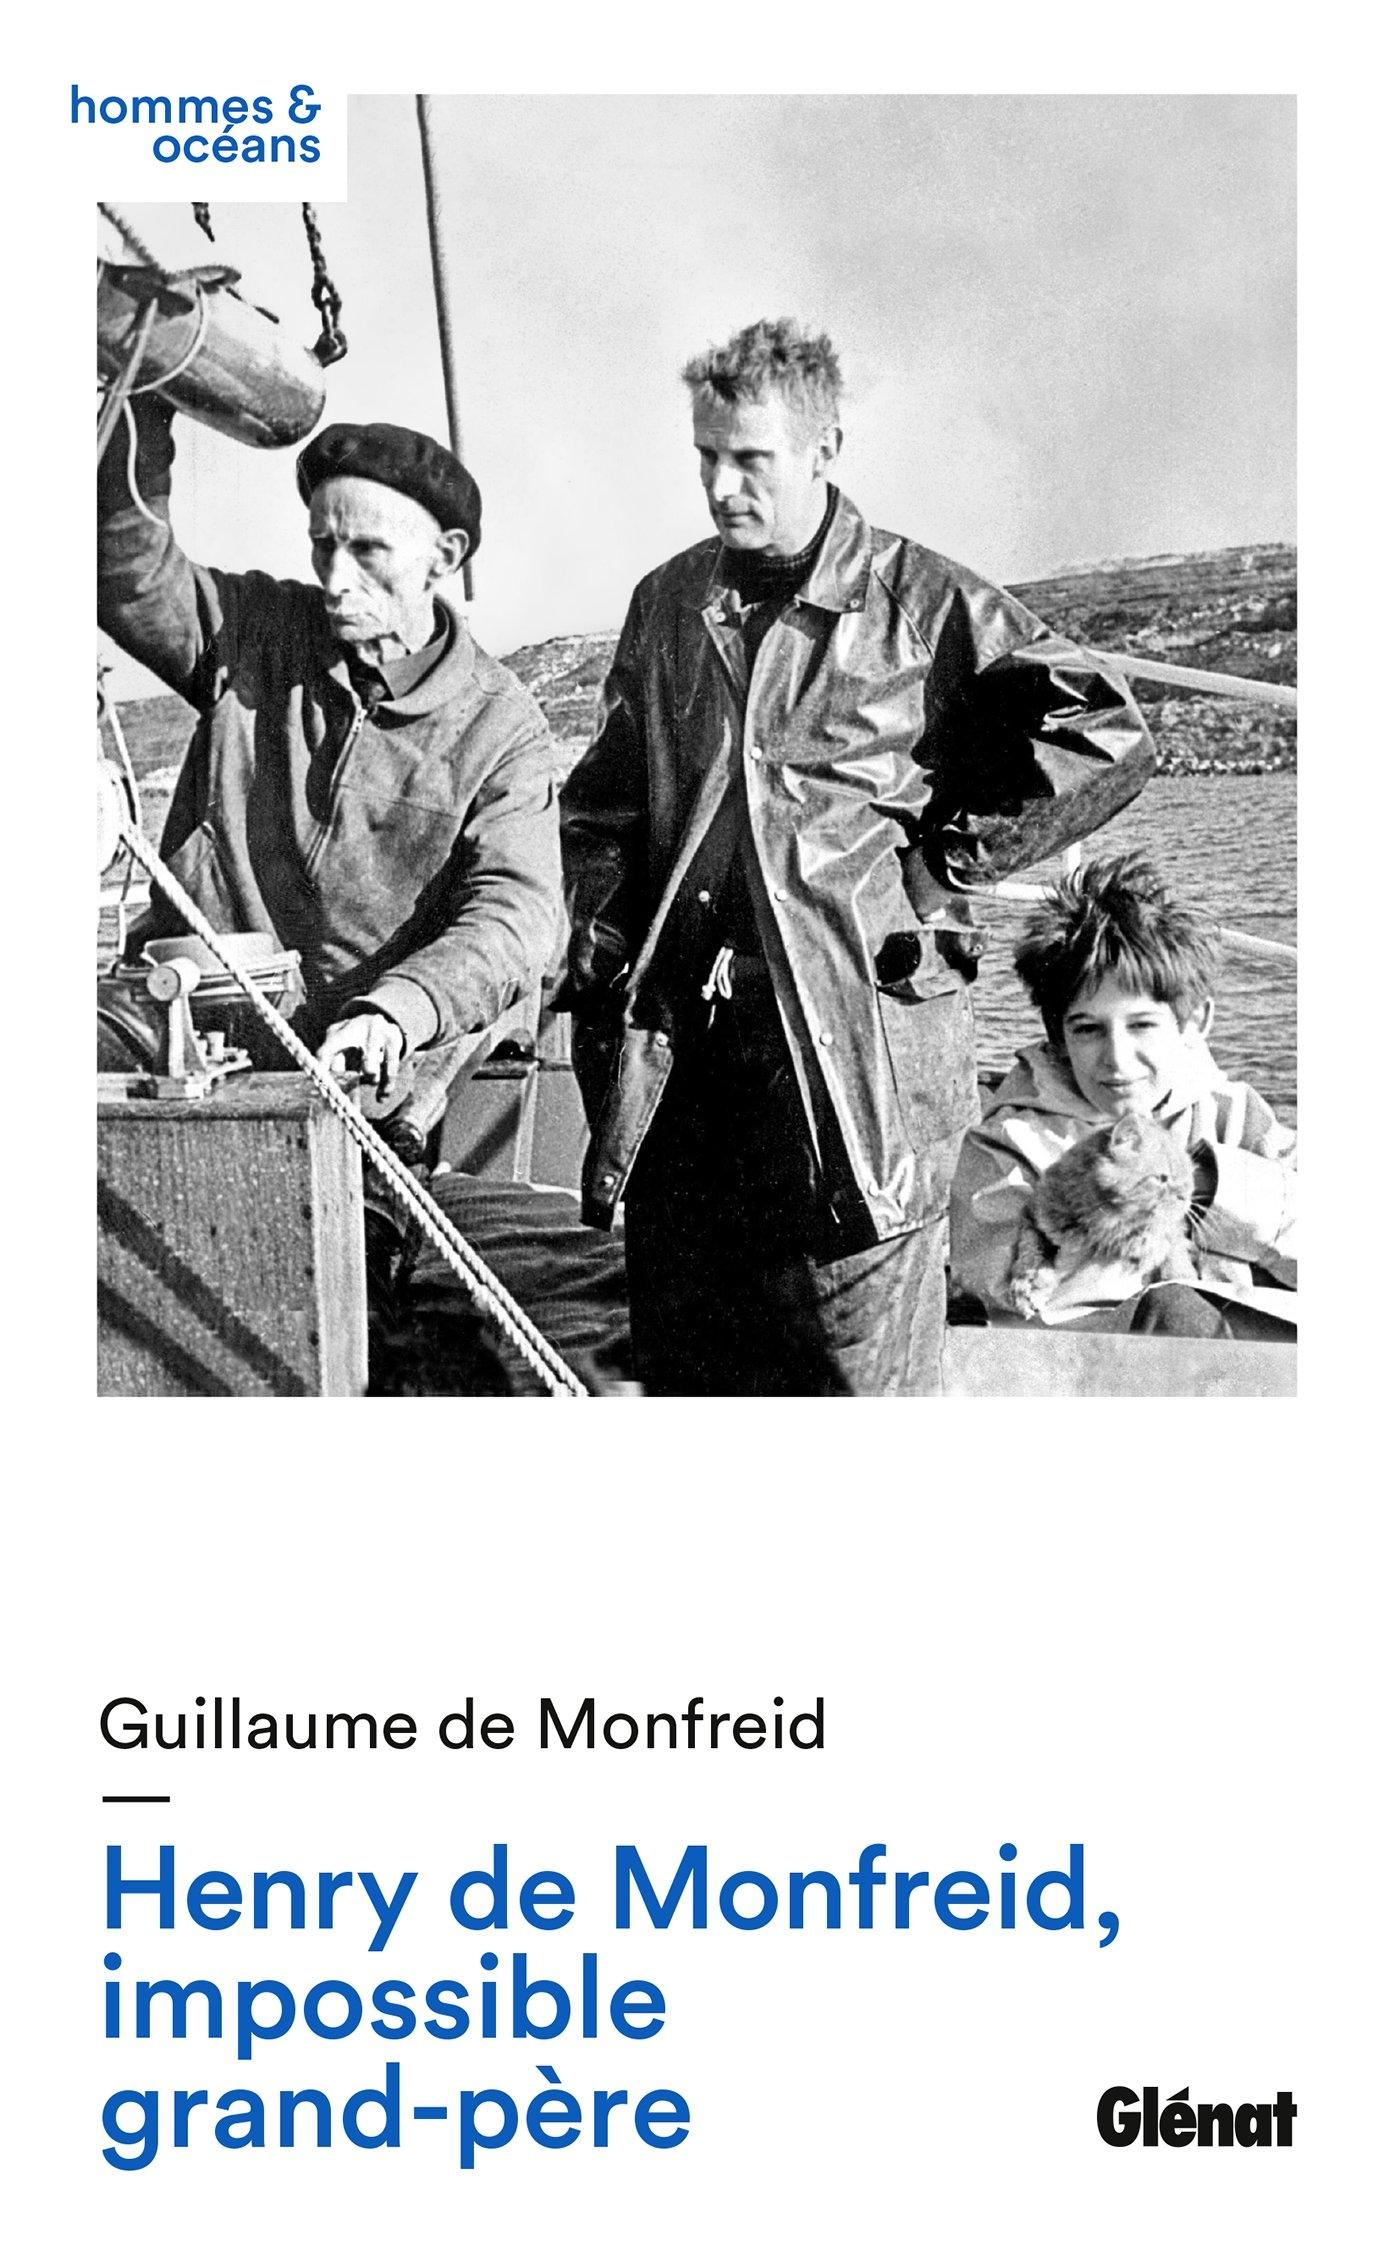 biographie,explorateur,henry de-monfreid,voyages,corne afrique,mer rouge,impossible grand-père,glenat 2017